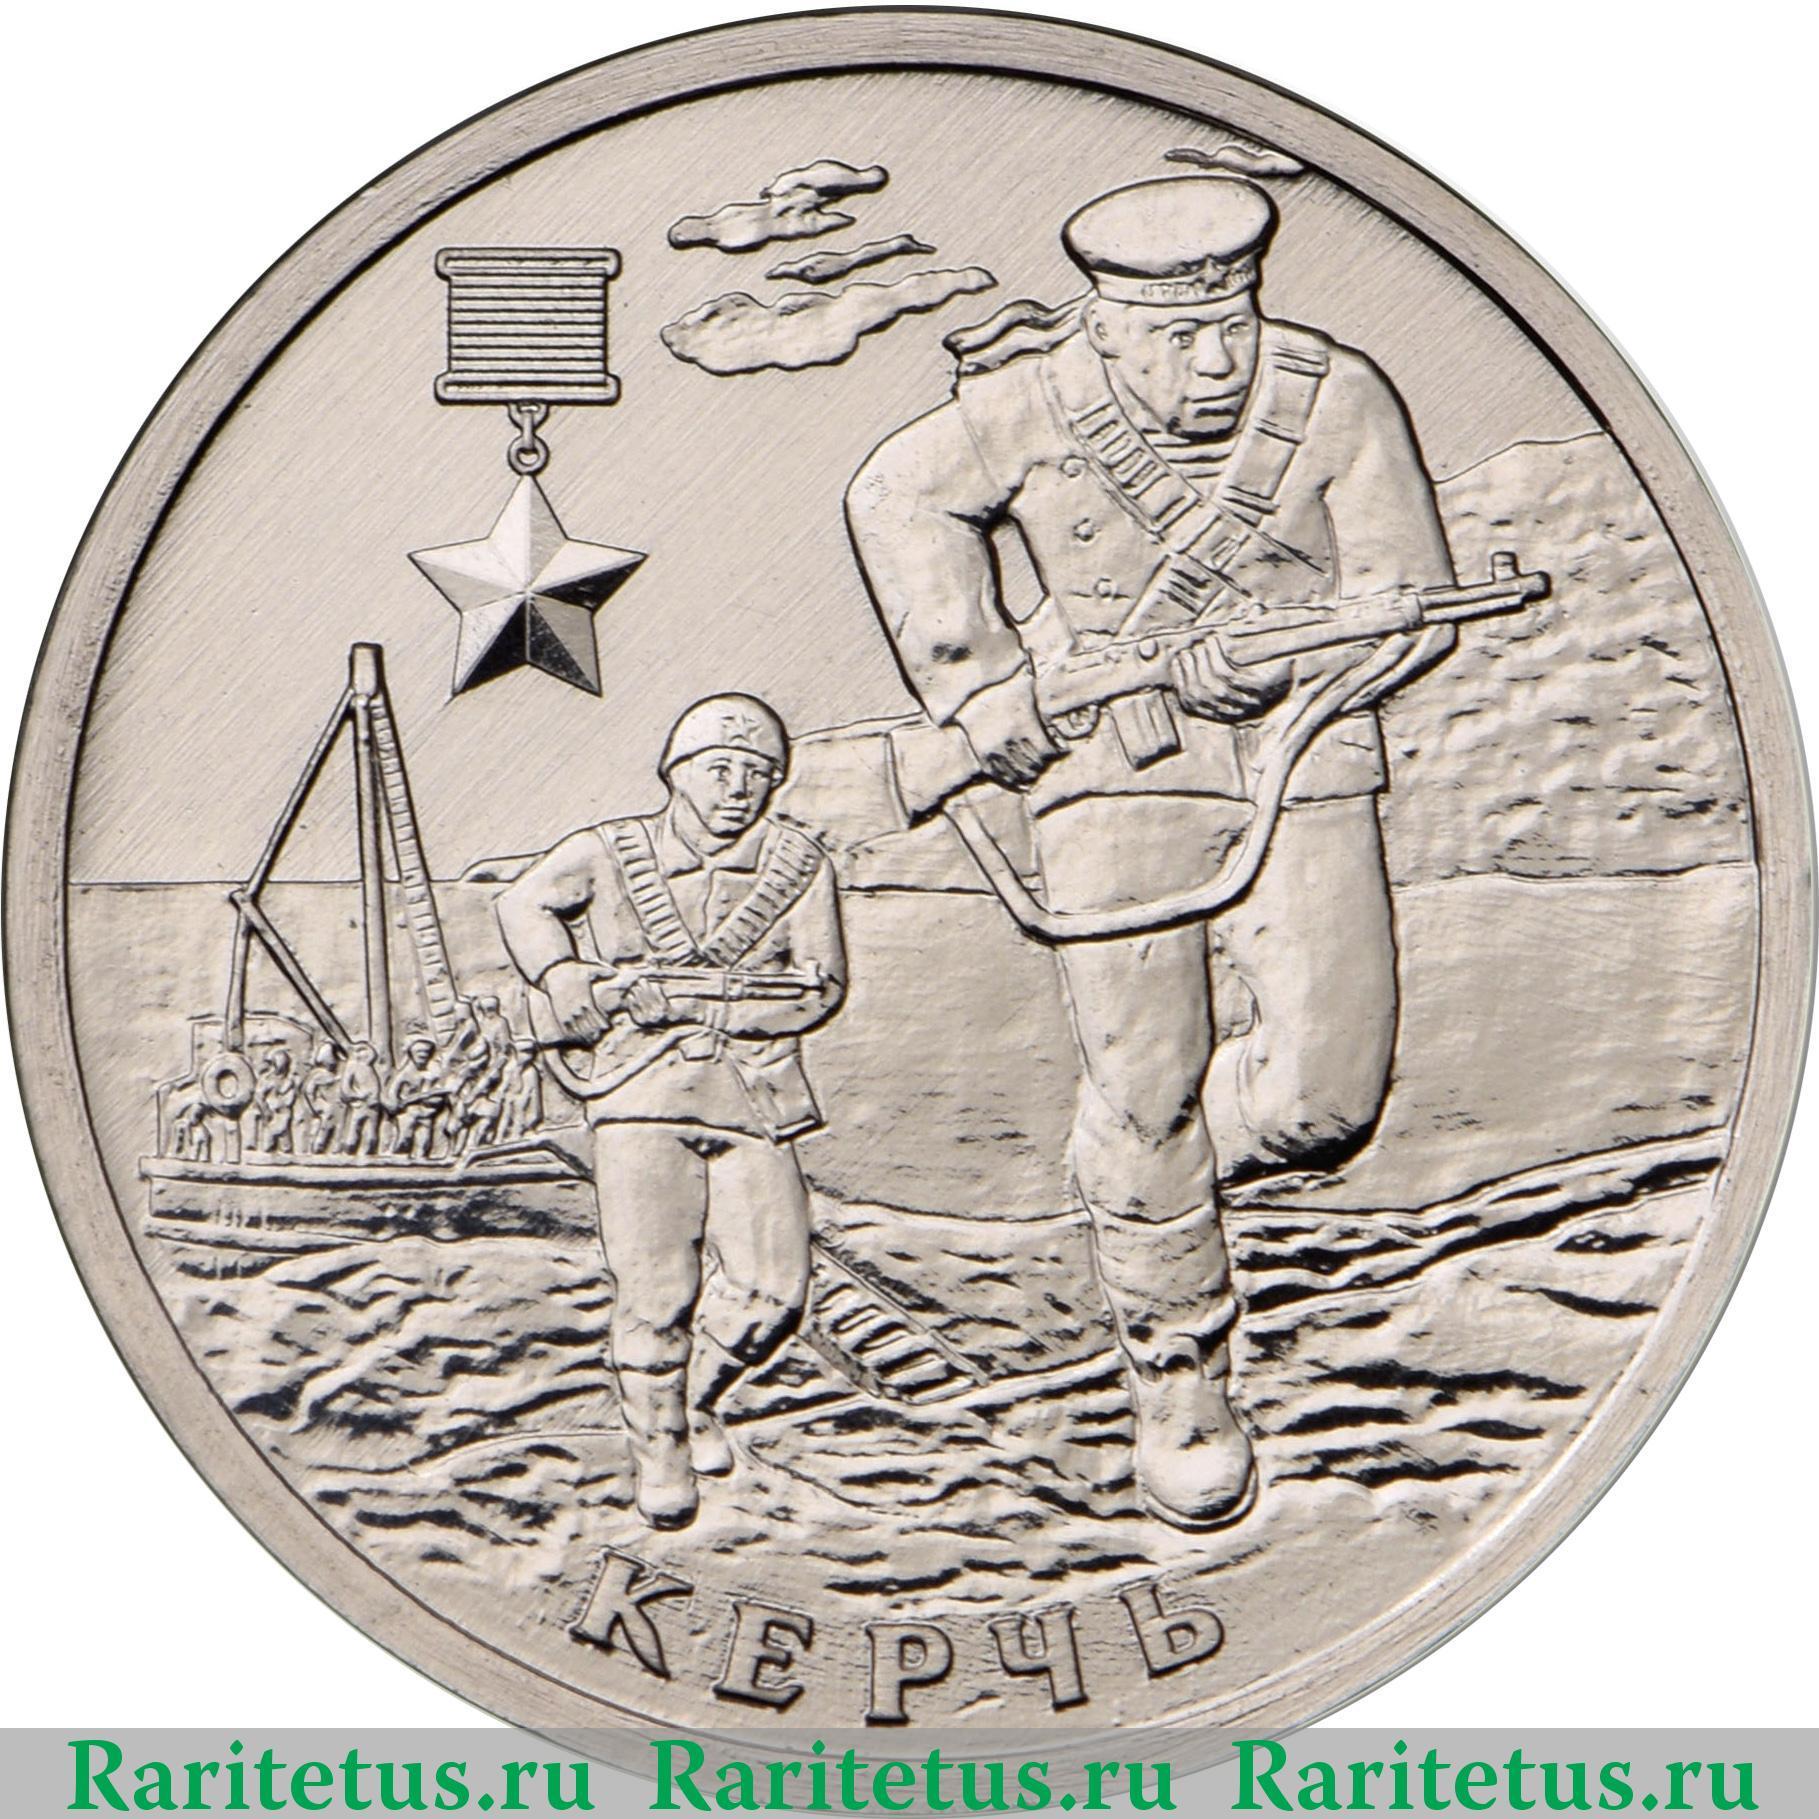 Сколько стоит монета 2 рубля севастополь мышка из монеты